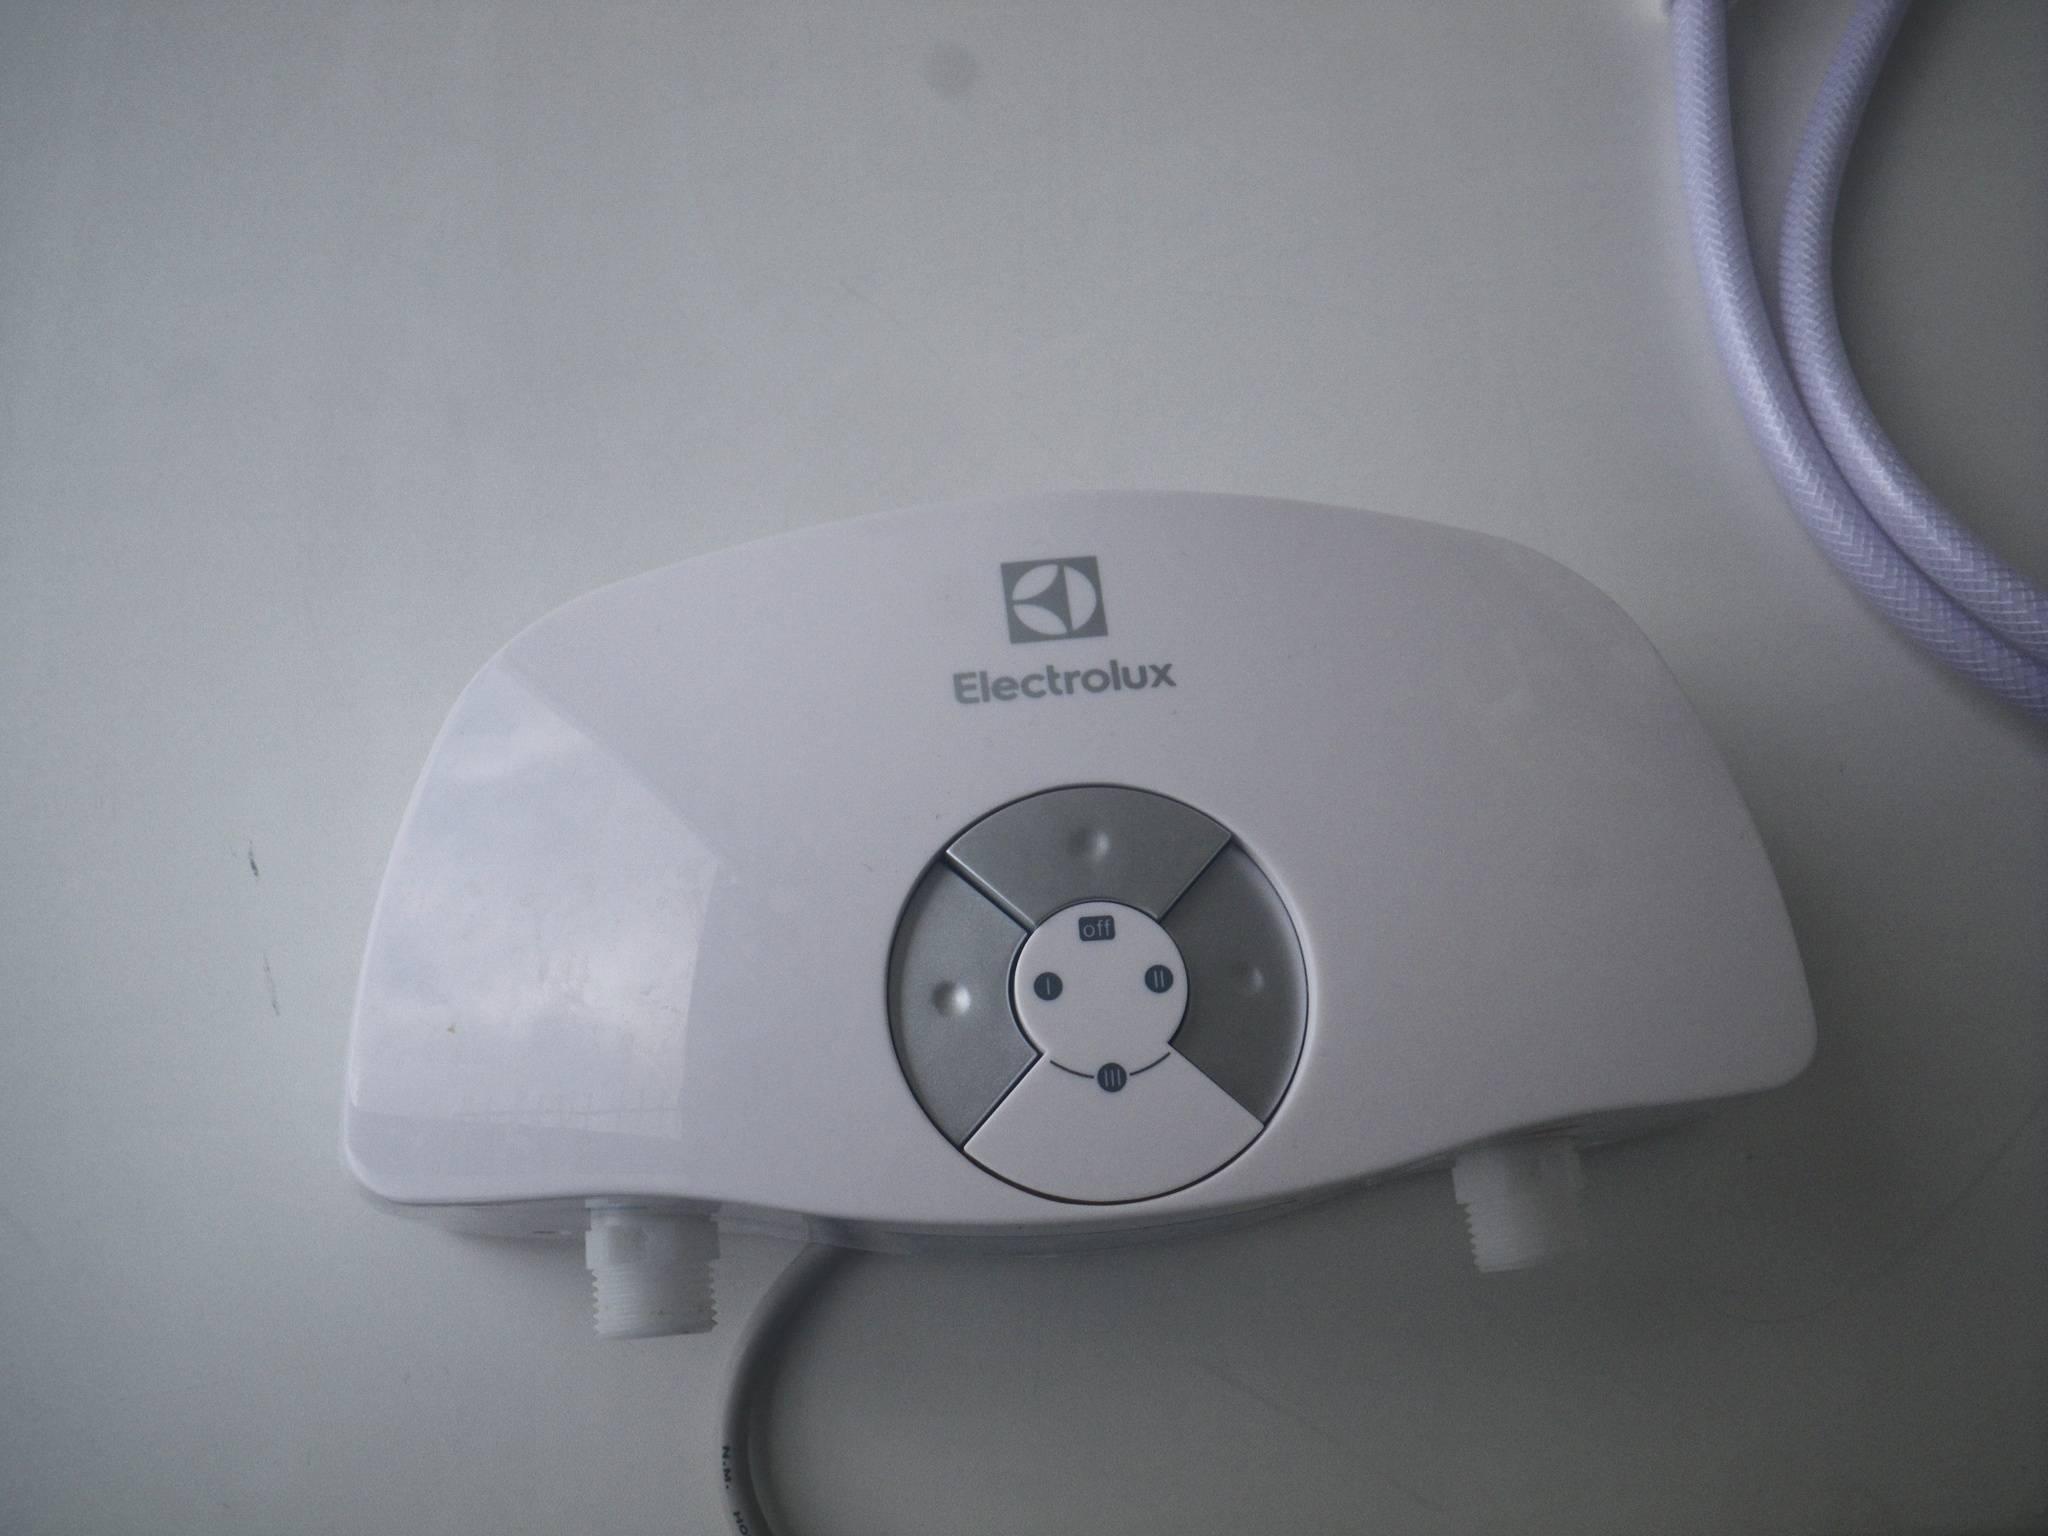 Как выбрать водонагреватель electrolux: накопительный или проточный